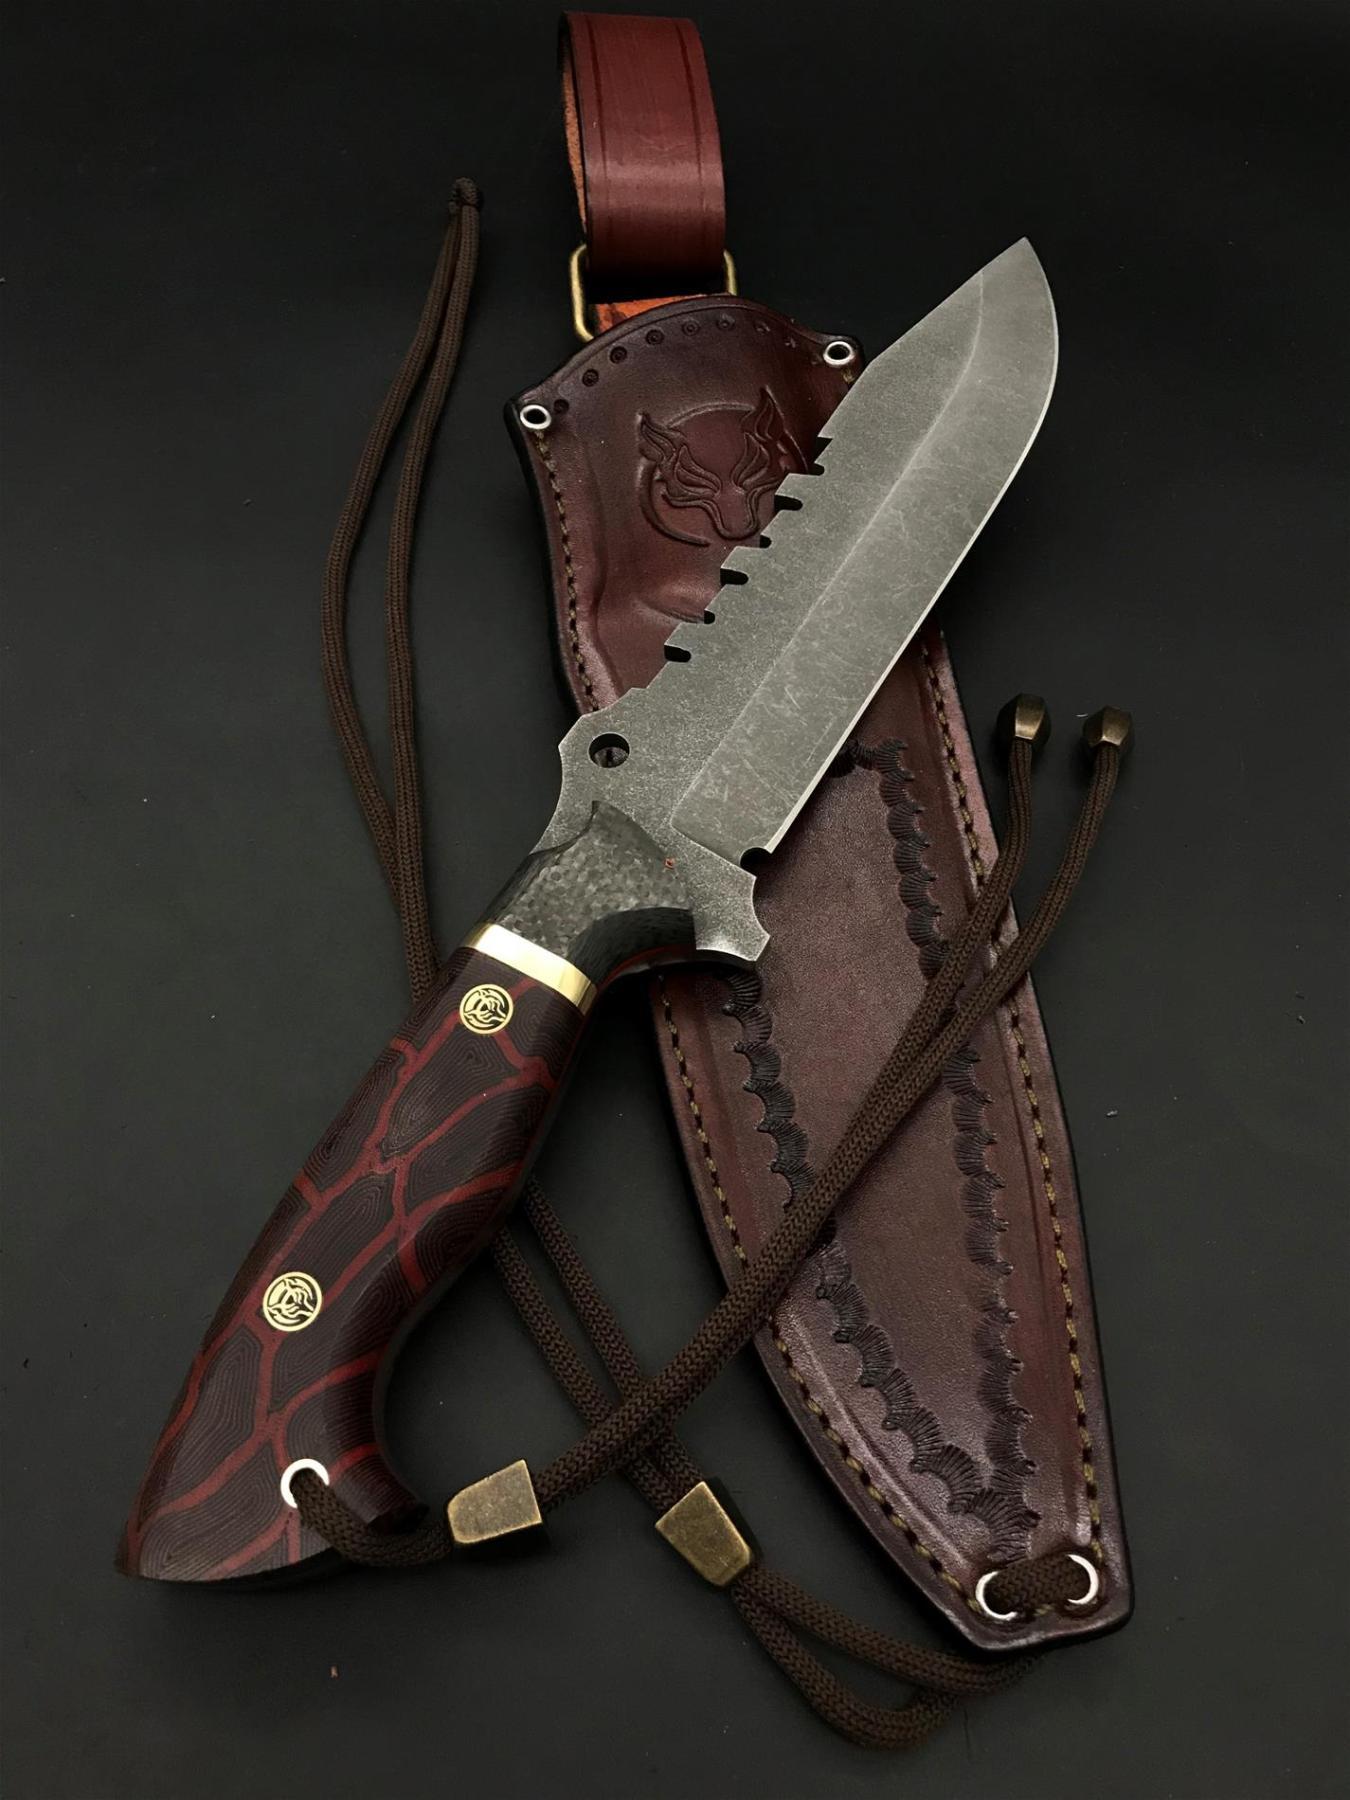 BOHLER N690 Special Design Camping Knife TK15 enlarge